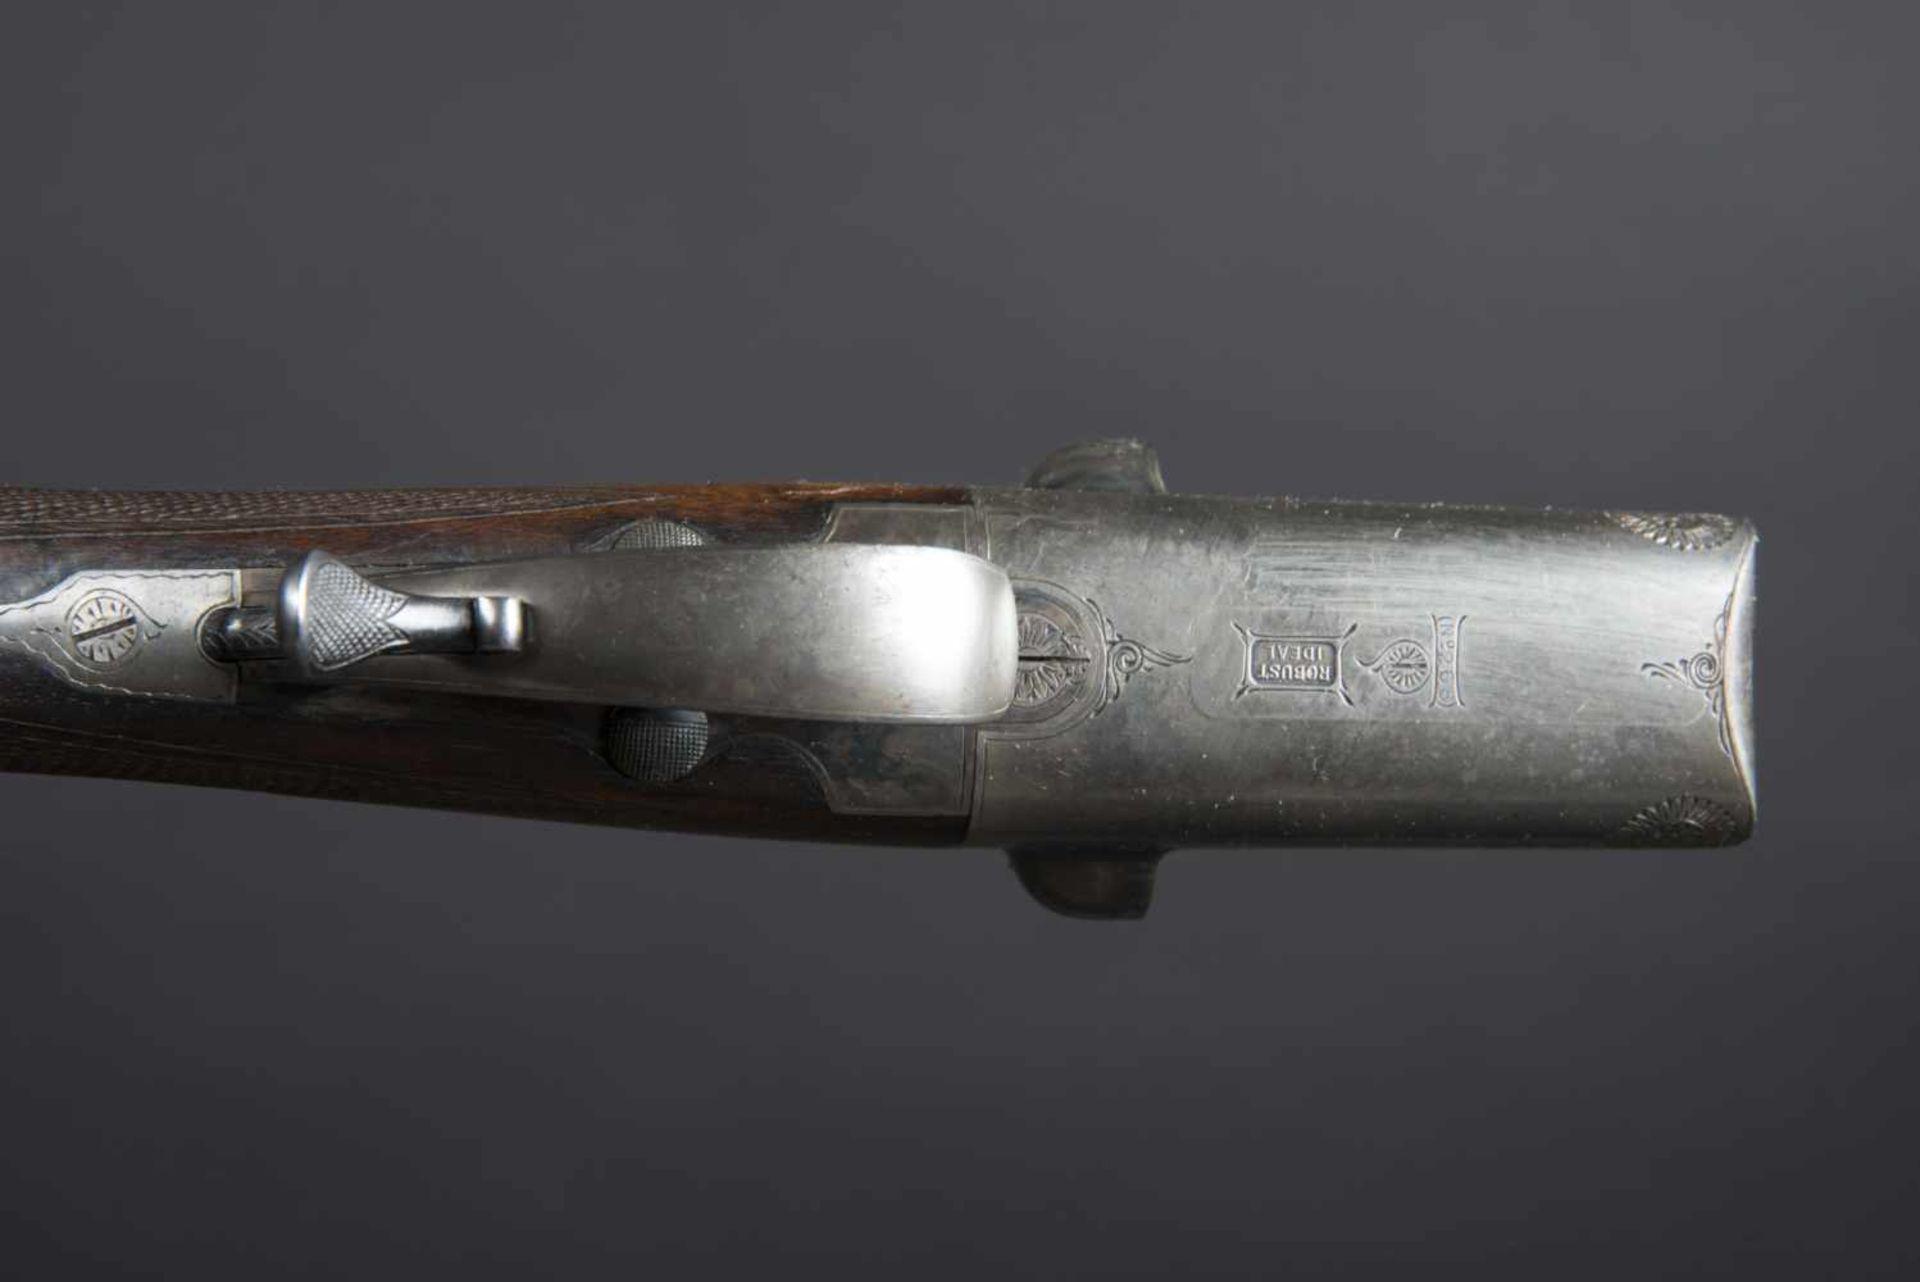 Fusil Robust Ideal Catégorie C Numéro 268. Etiquette présente dans la housse en cuir. Calibre 12. - Bild 3 aus 4